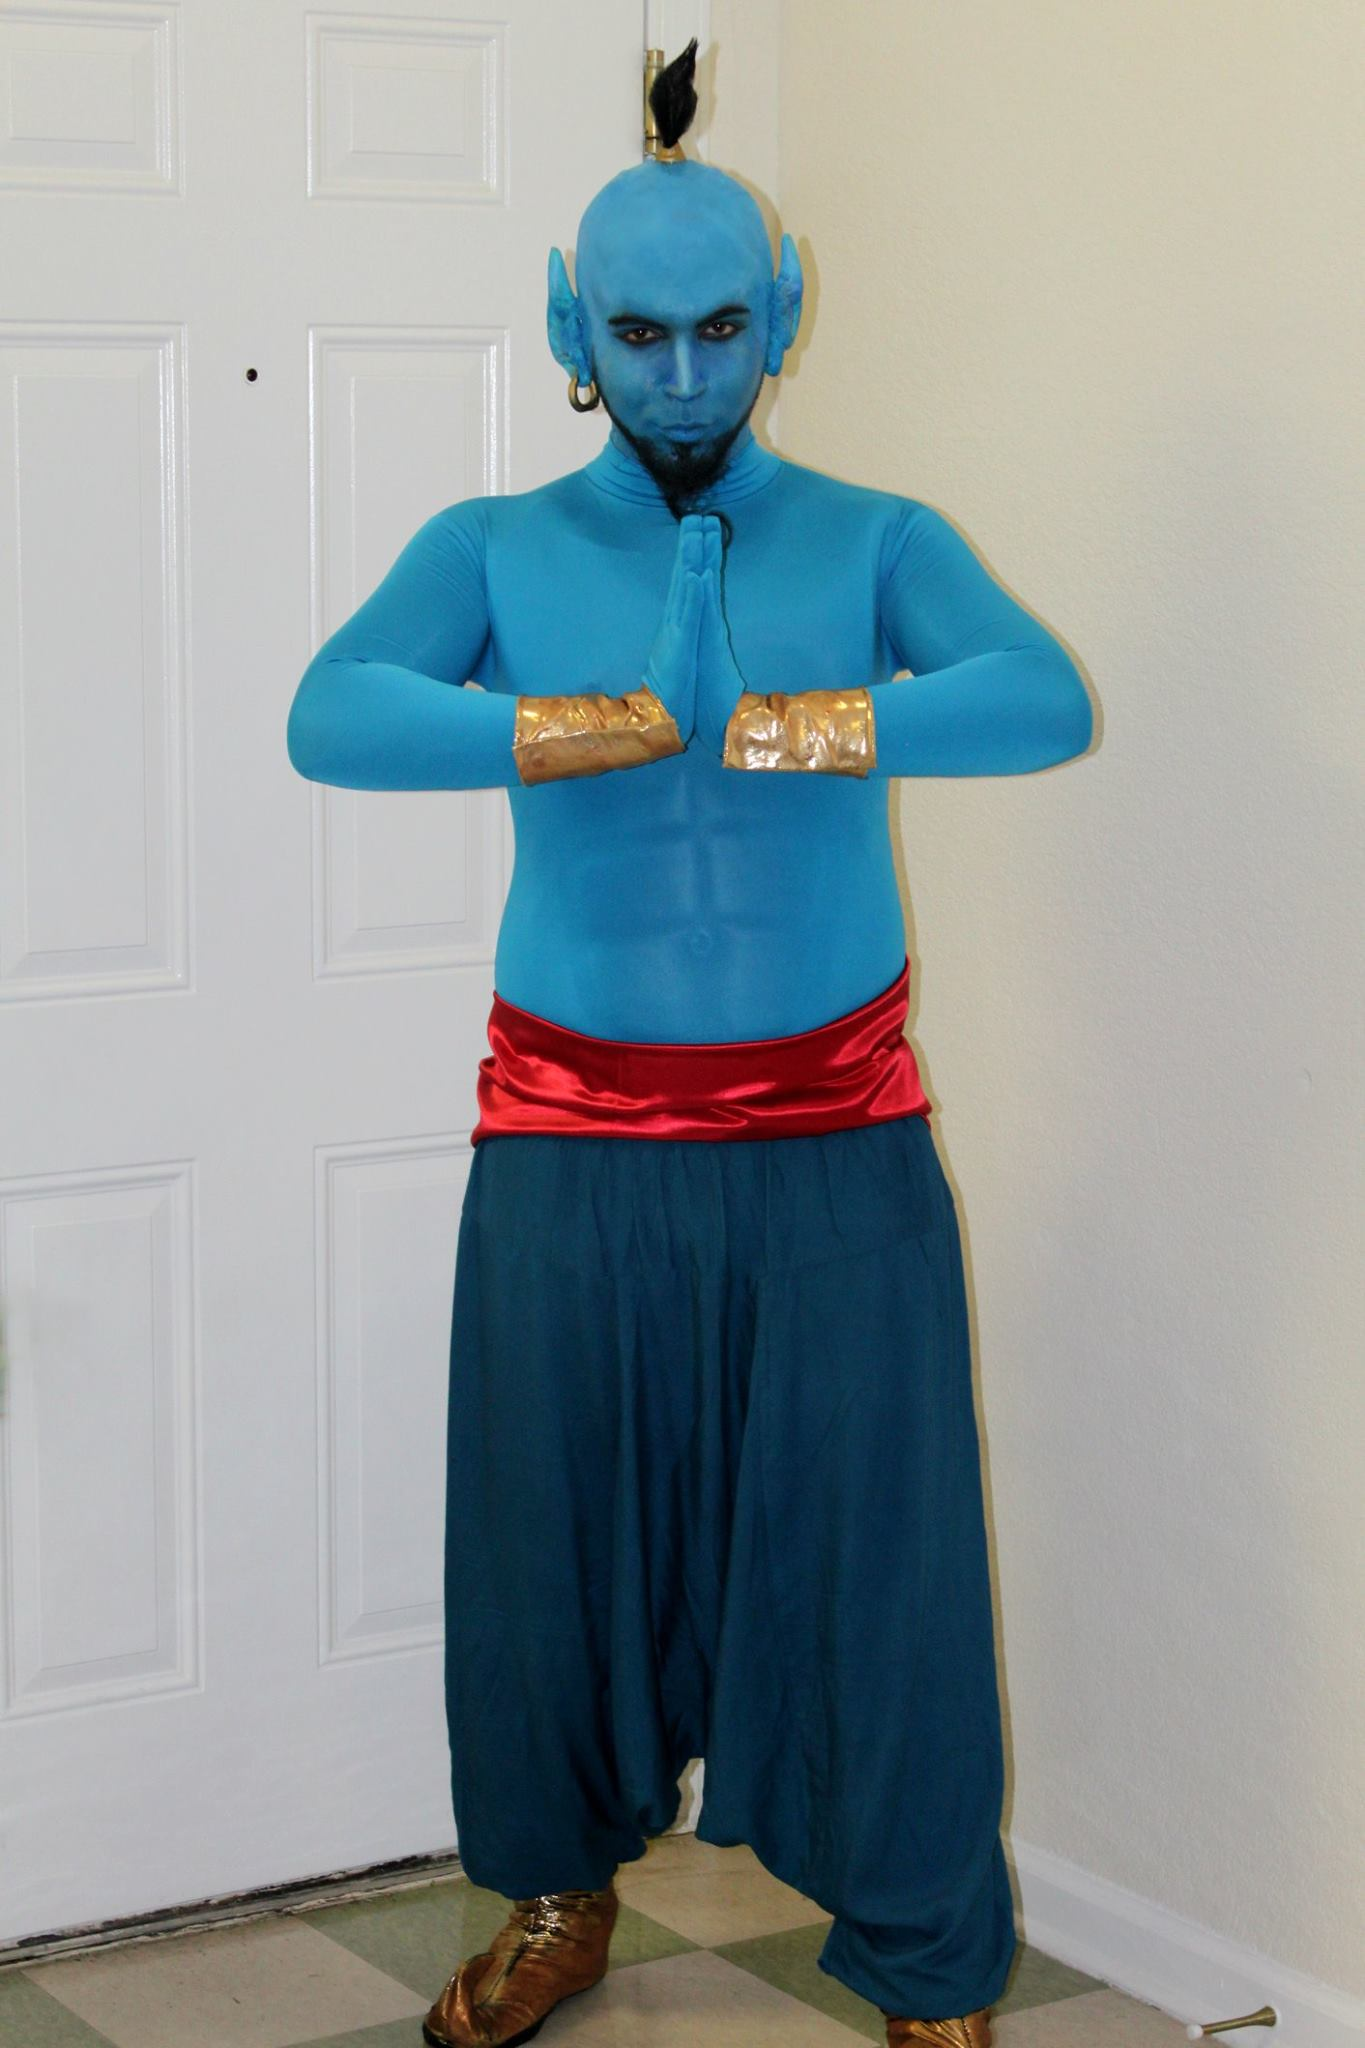 The Genie